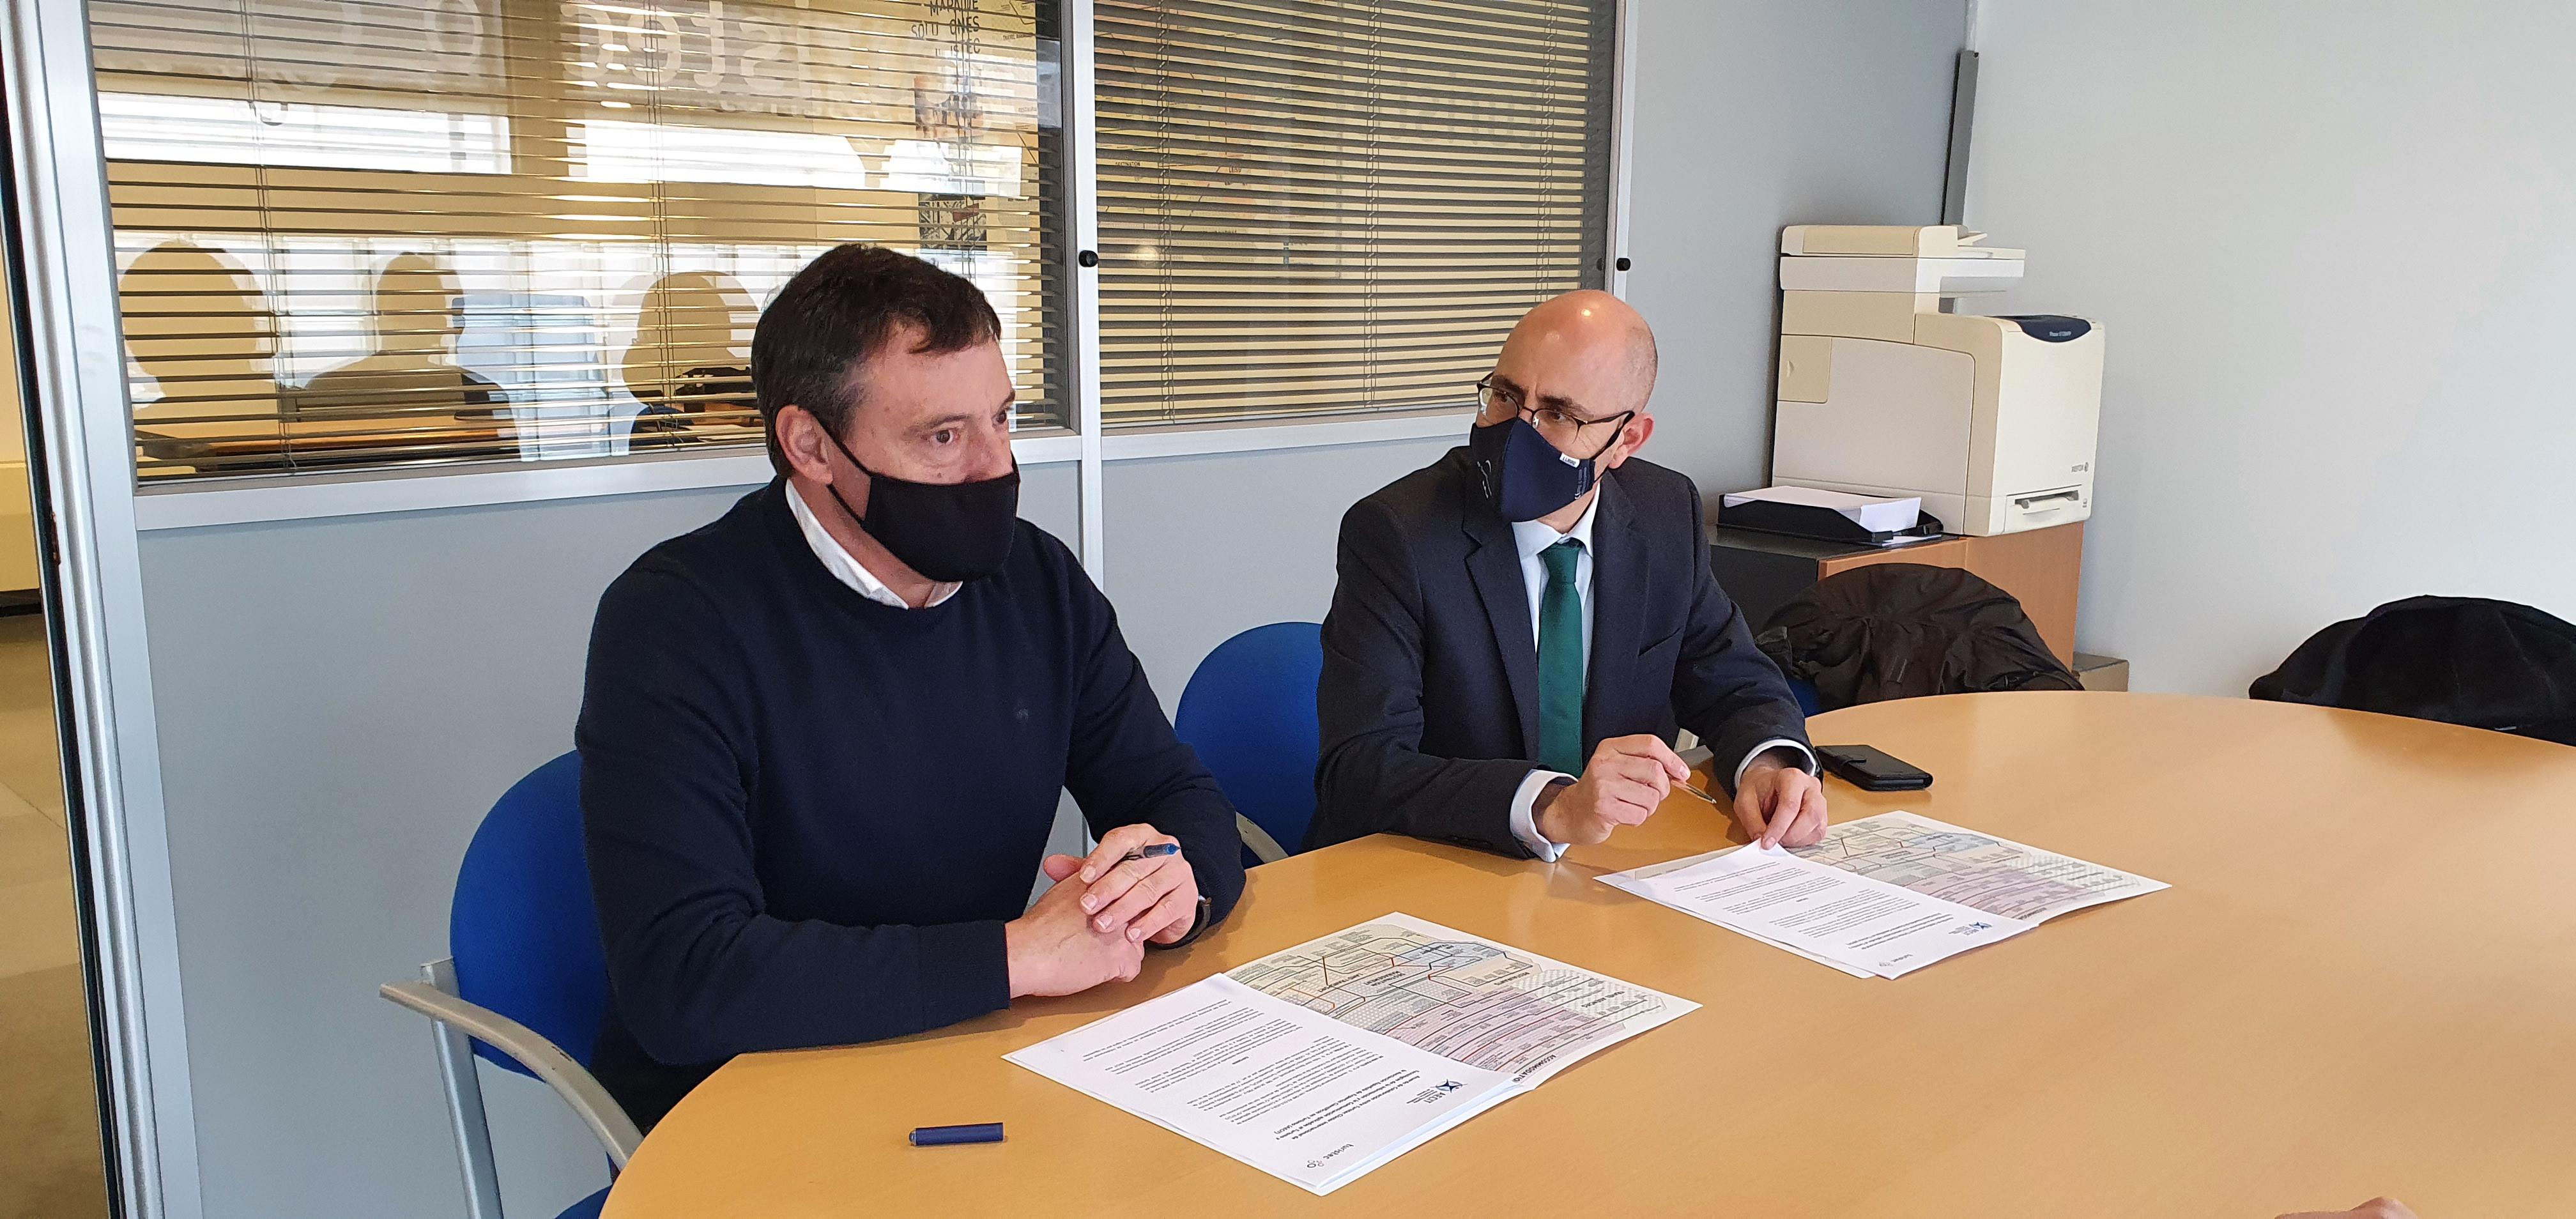 Dingus valora muy positivamente el reciente convenio entre Turistec y la AECIT